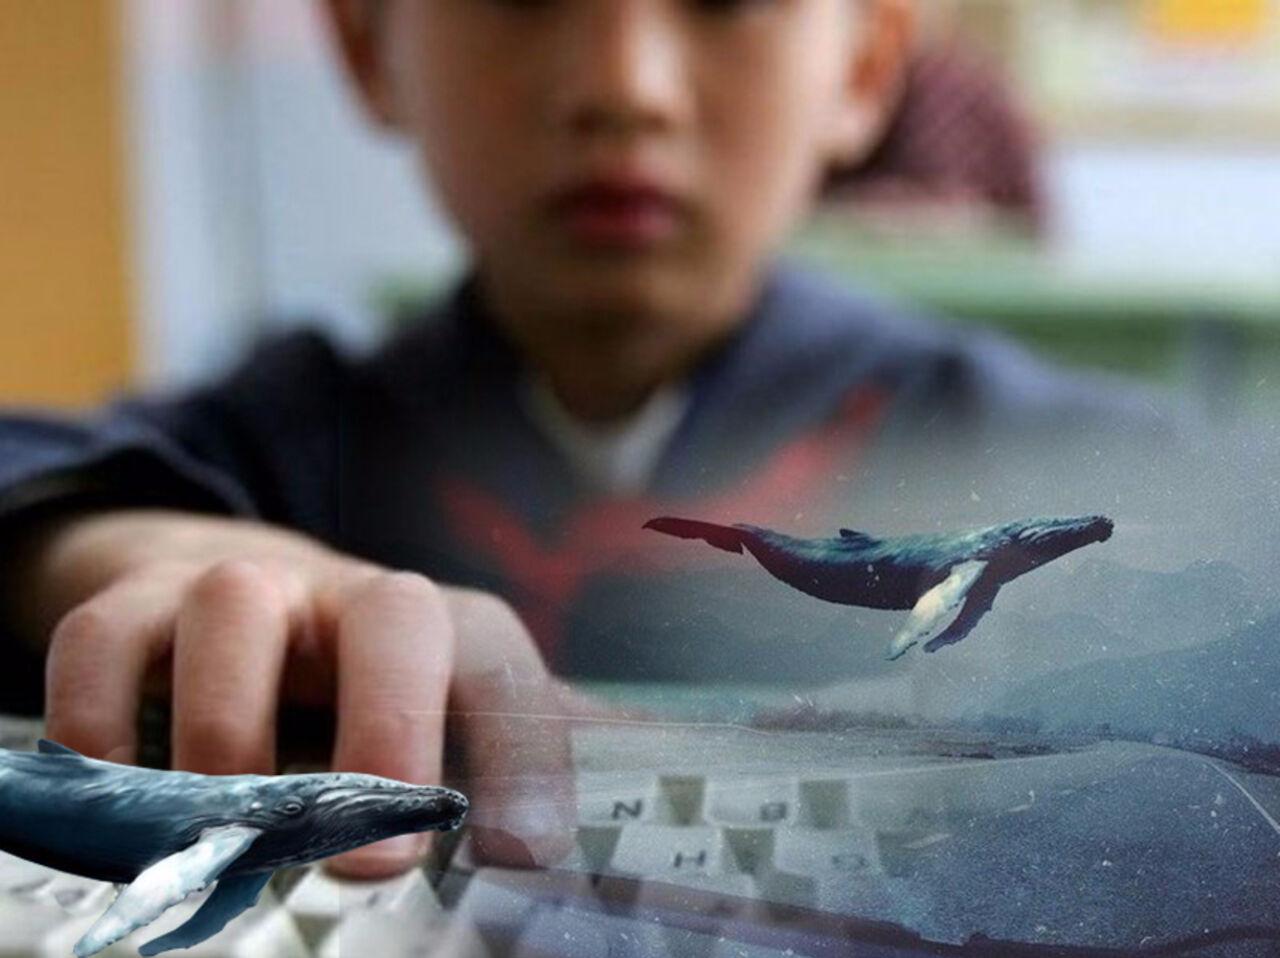 Власти Мексики сообщили опоявлении игры «Синий кит» в общегосударственном сегменте социальных сетей